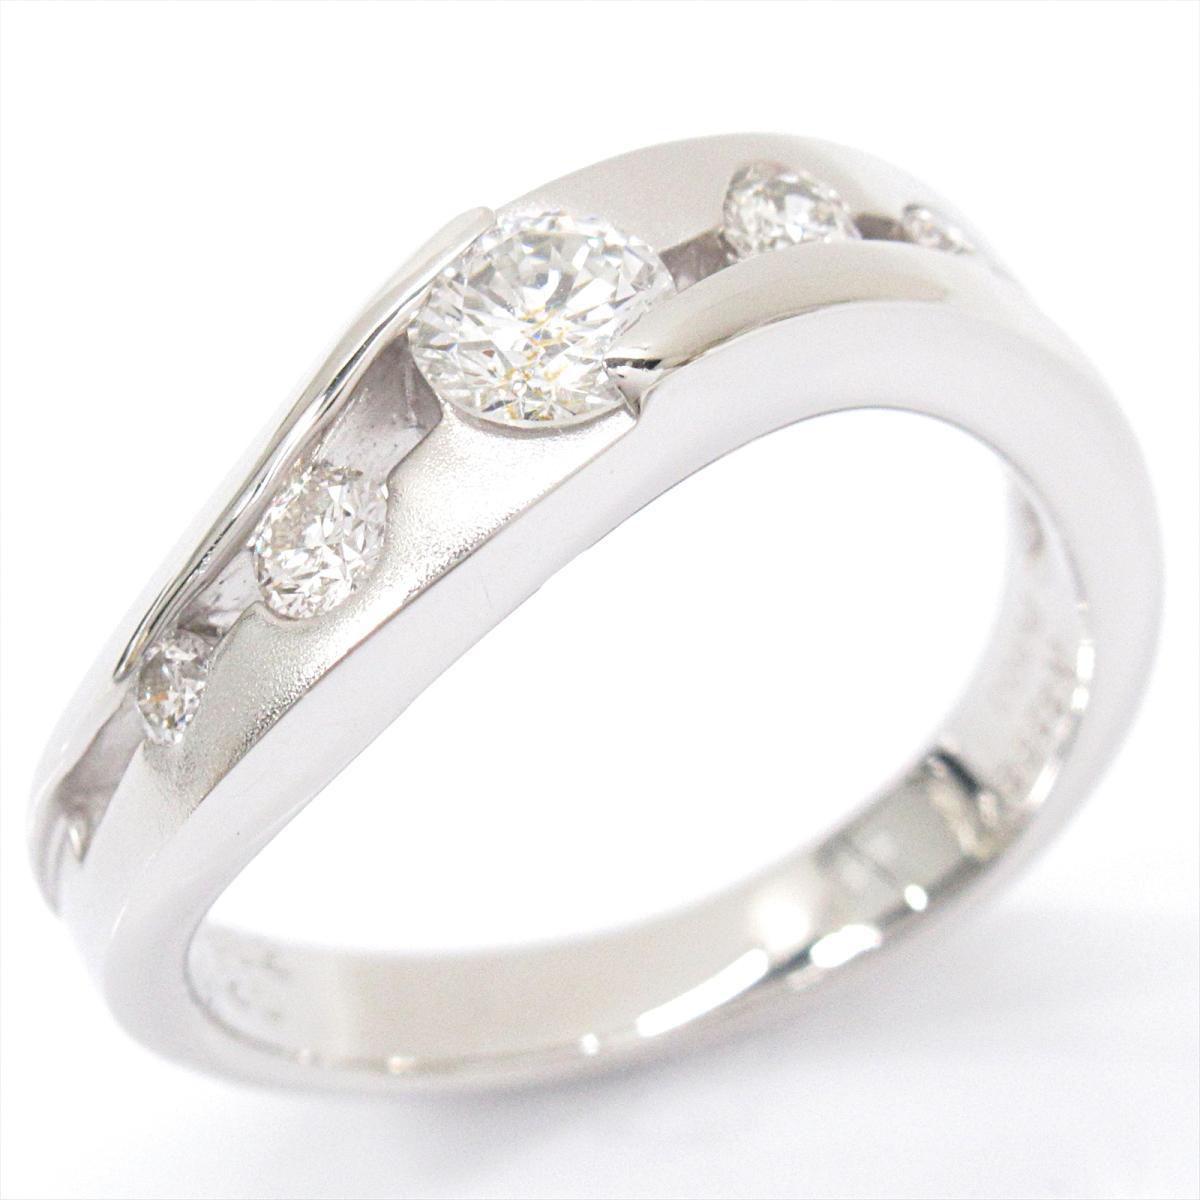 【中古】 ジュエリー ダイヤモンド リング 指輪 レディース PT900 プラチナ x (0.3320.20ct) | JEWELRY BRANDOFF ブランドオフ ブランド アクセサリー